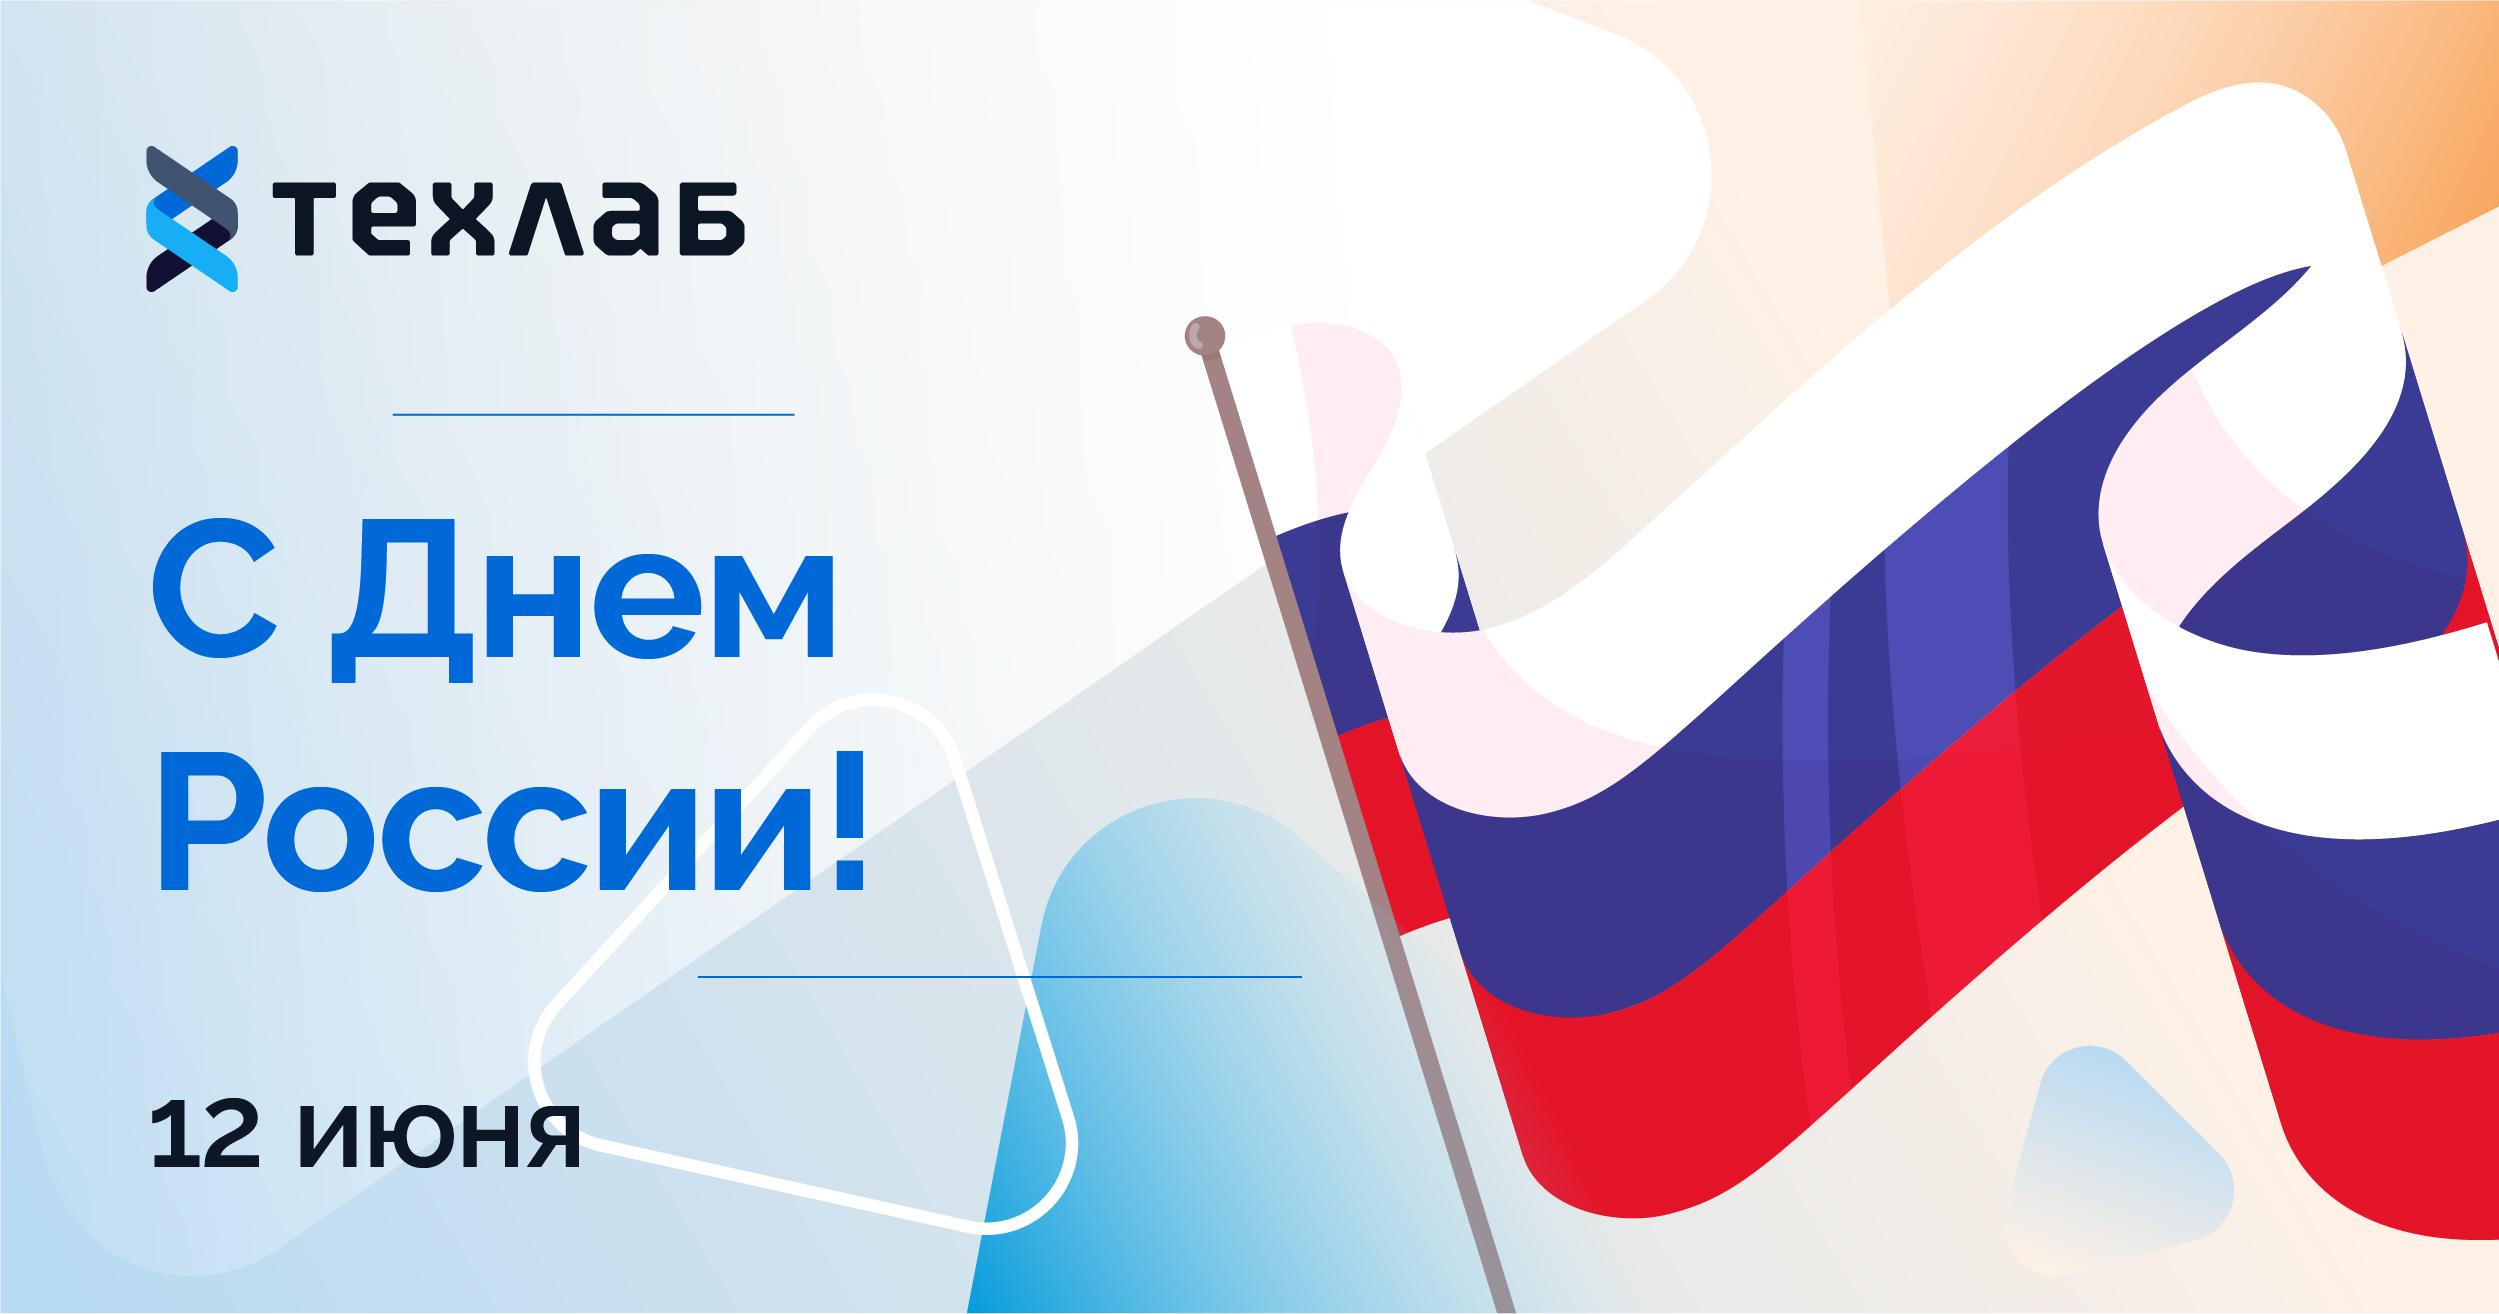 «ТехЛАБ» поздравляет вас с Днем России!